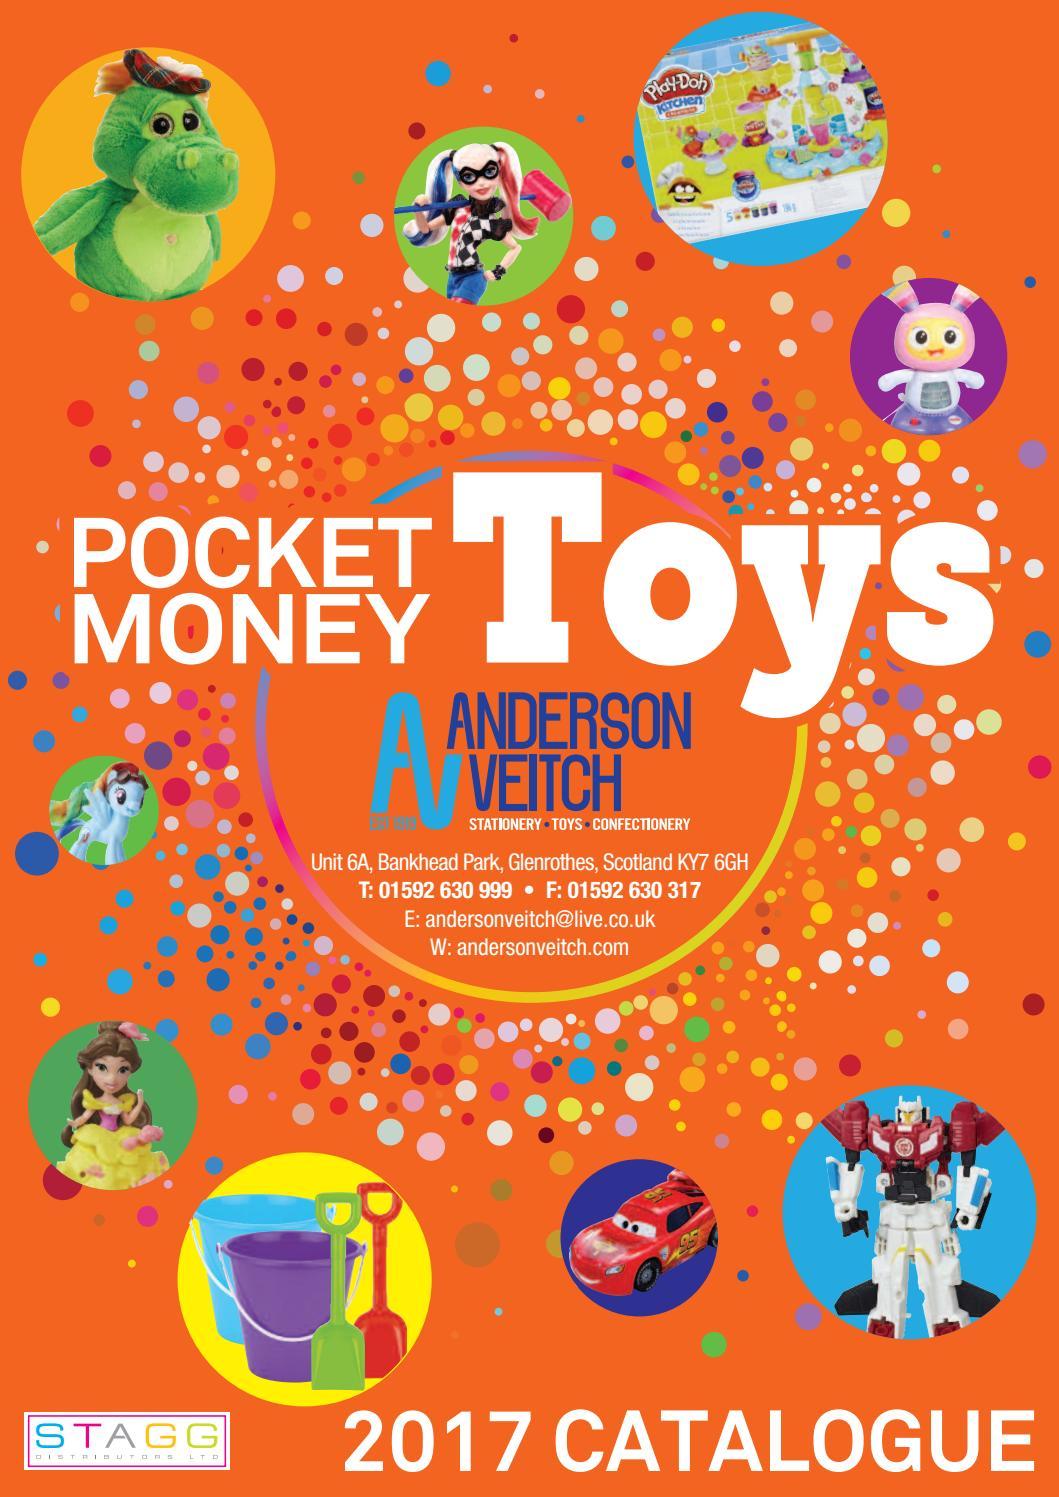 stagg pocket money toys av 2017 by stagg distributors issuu